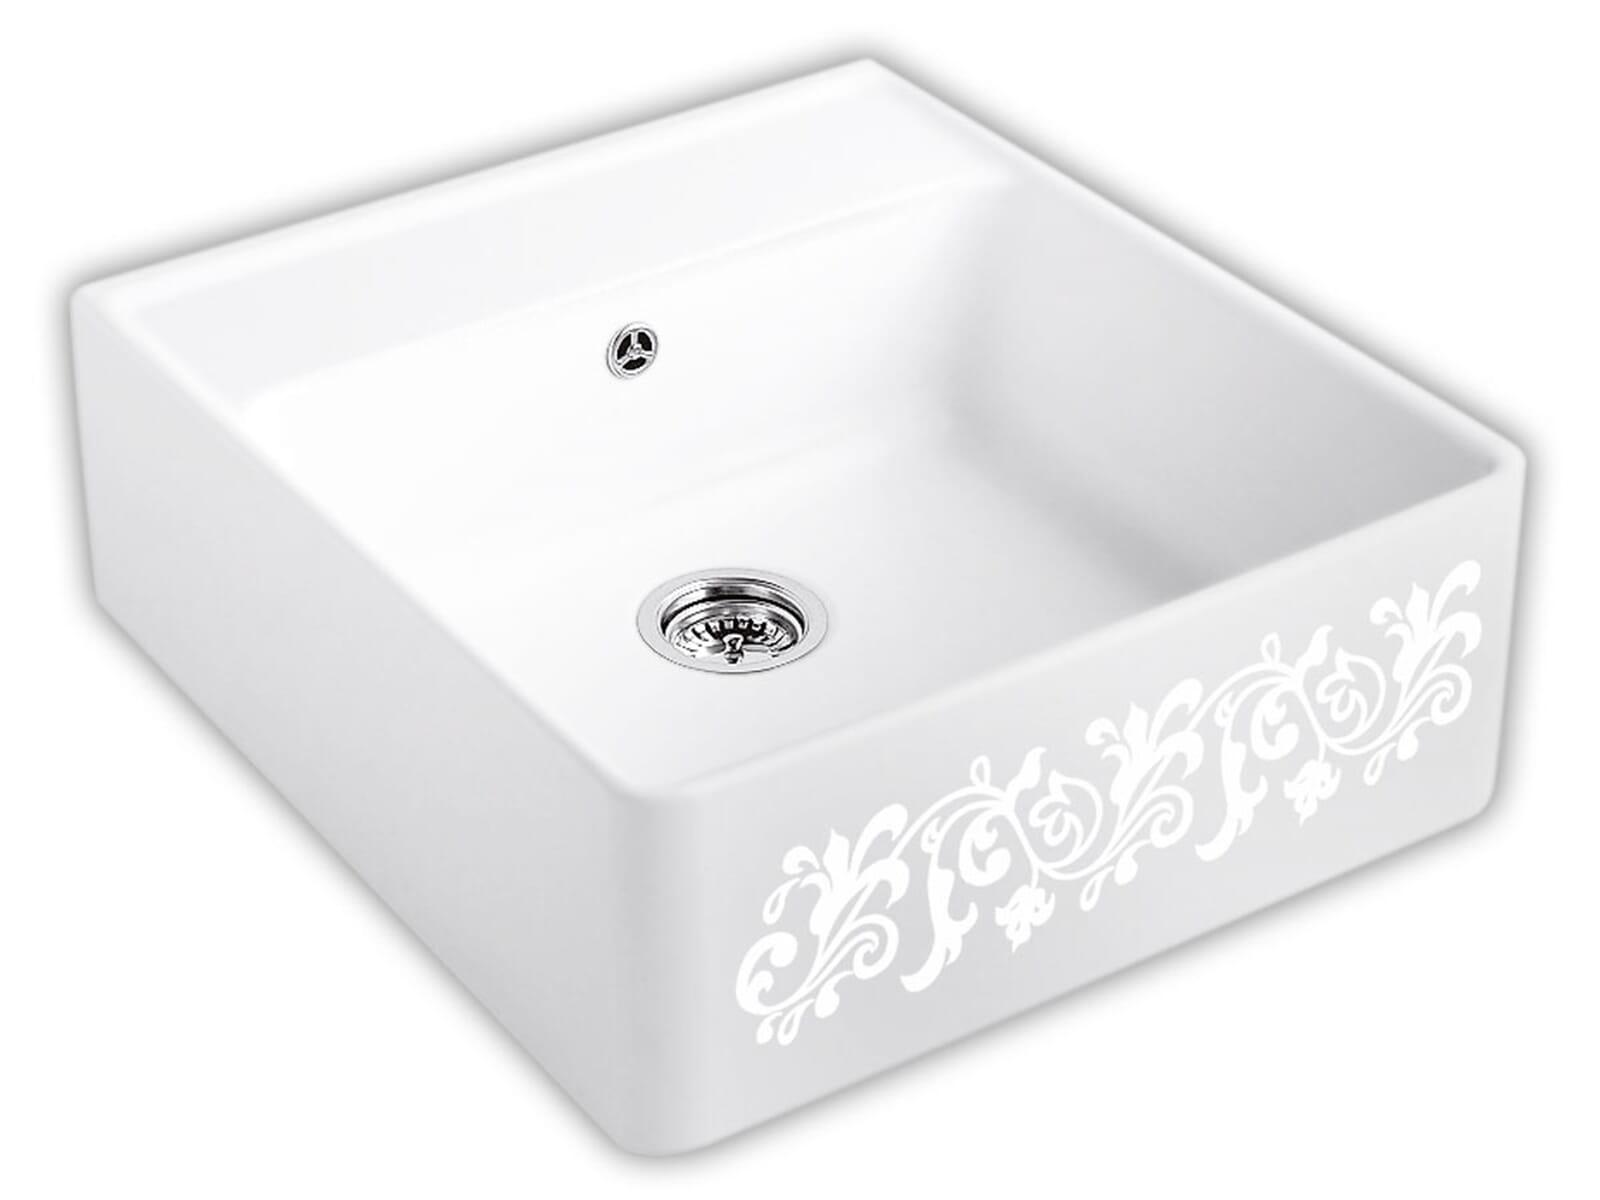 Villeroy & Boch Spülstein Einzelbecken White Pearl - 6320 61 KT Keramikspüle Handbetätigung inkl. Hahnloch 2